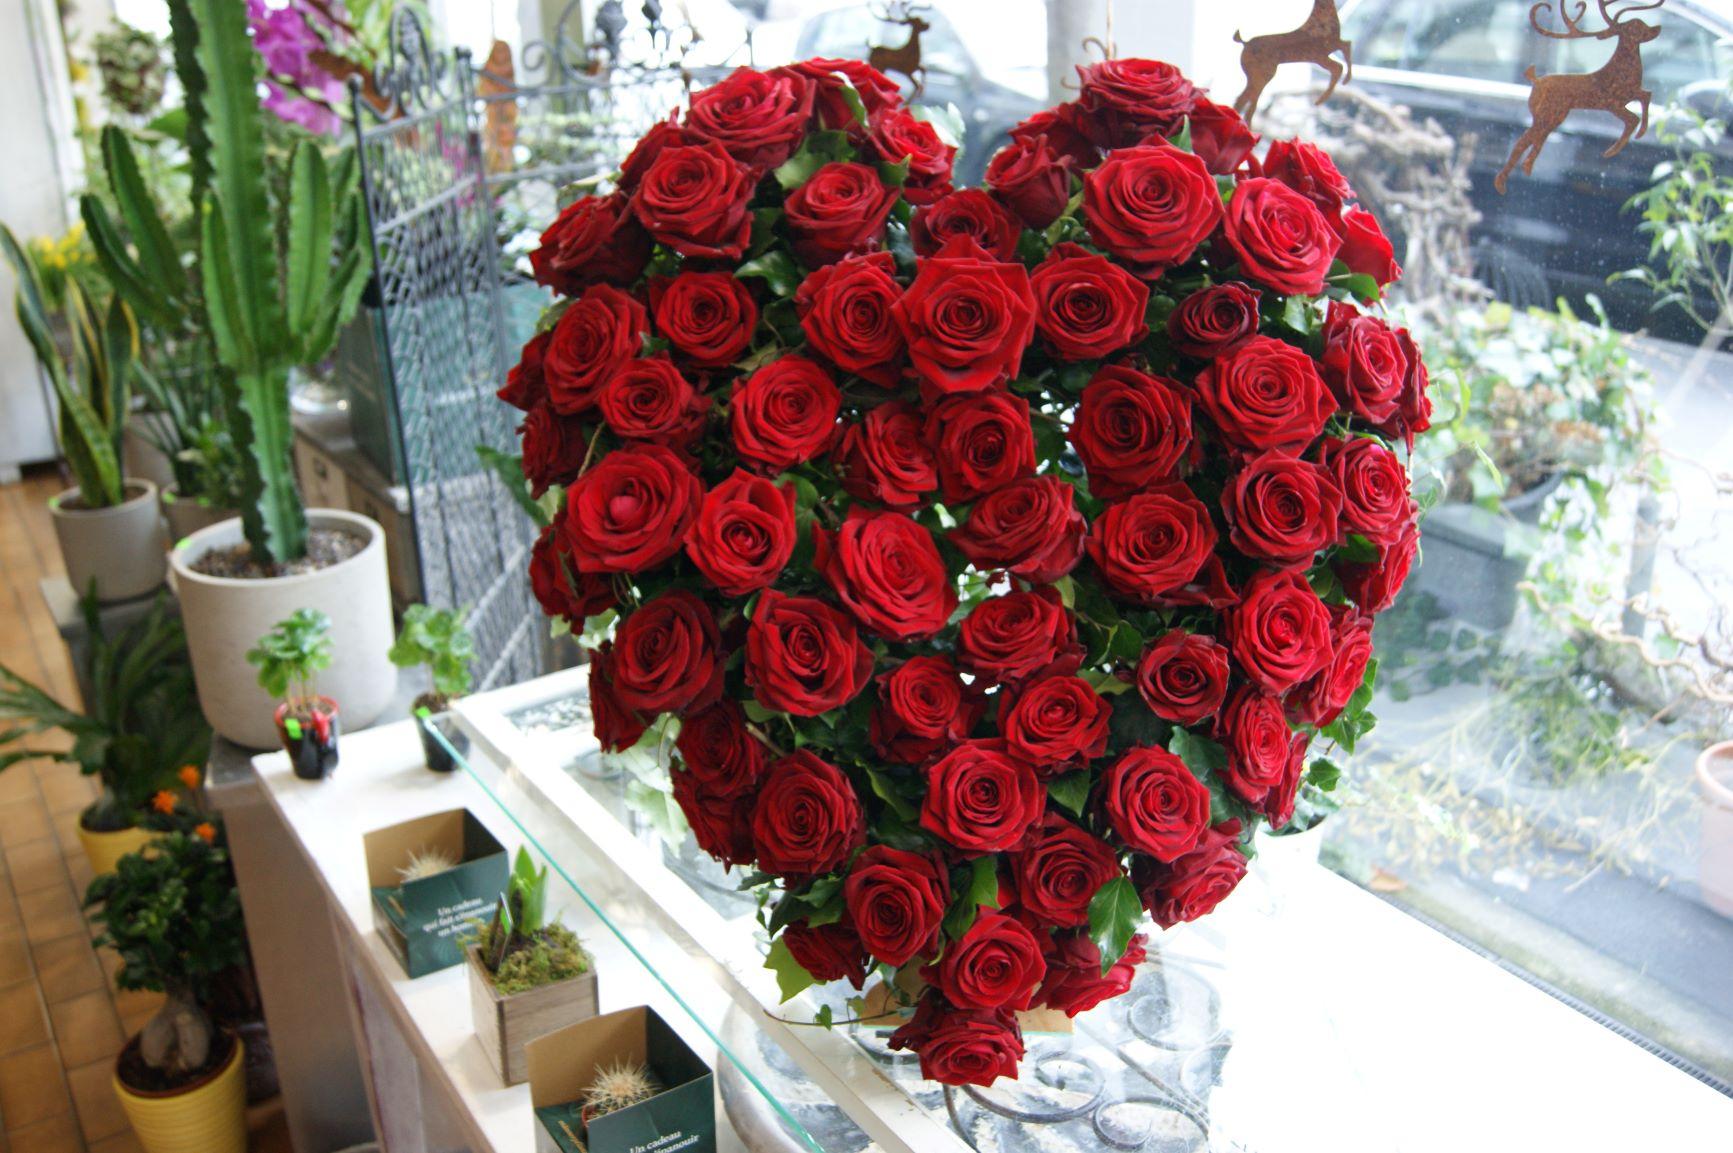 Cœur de roses rouges  N° 23